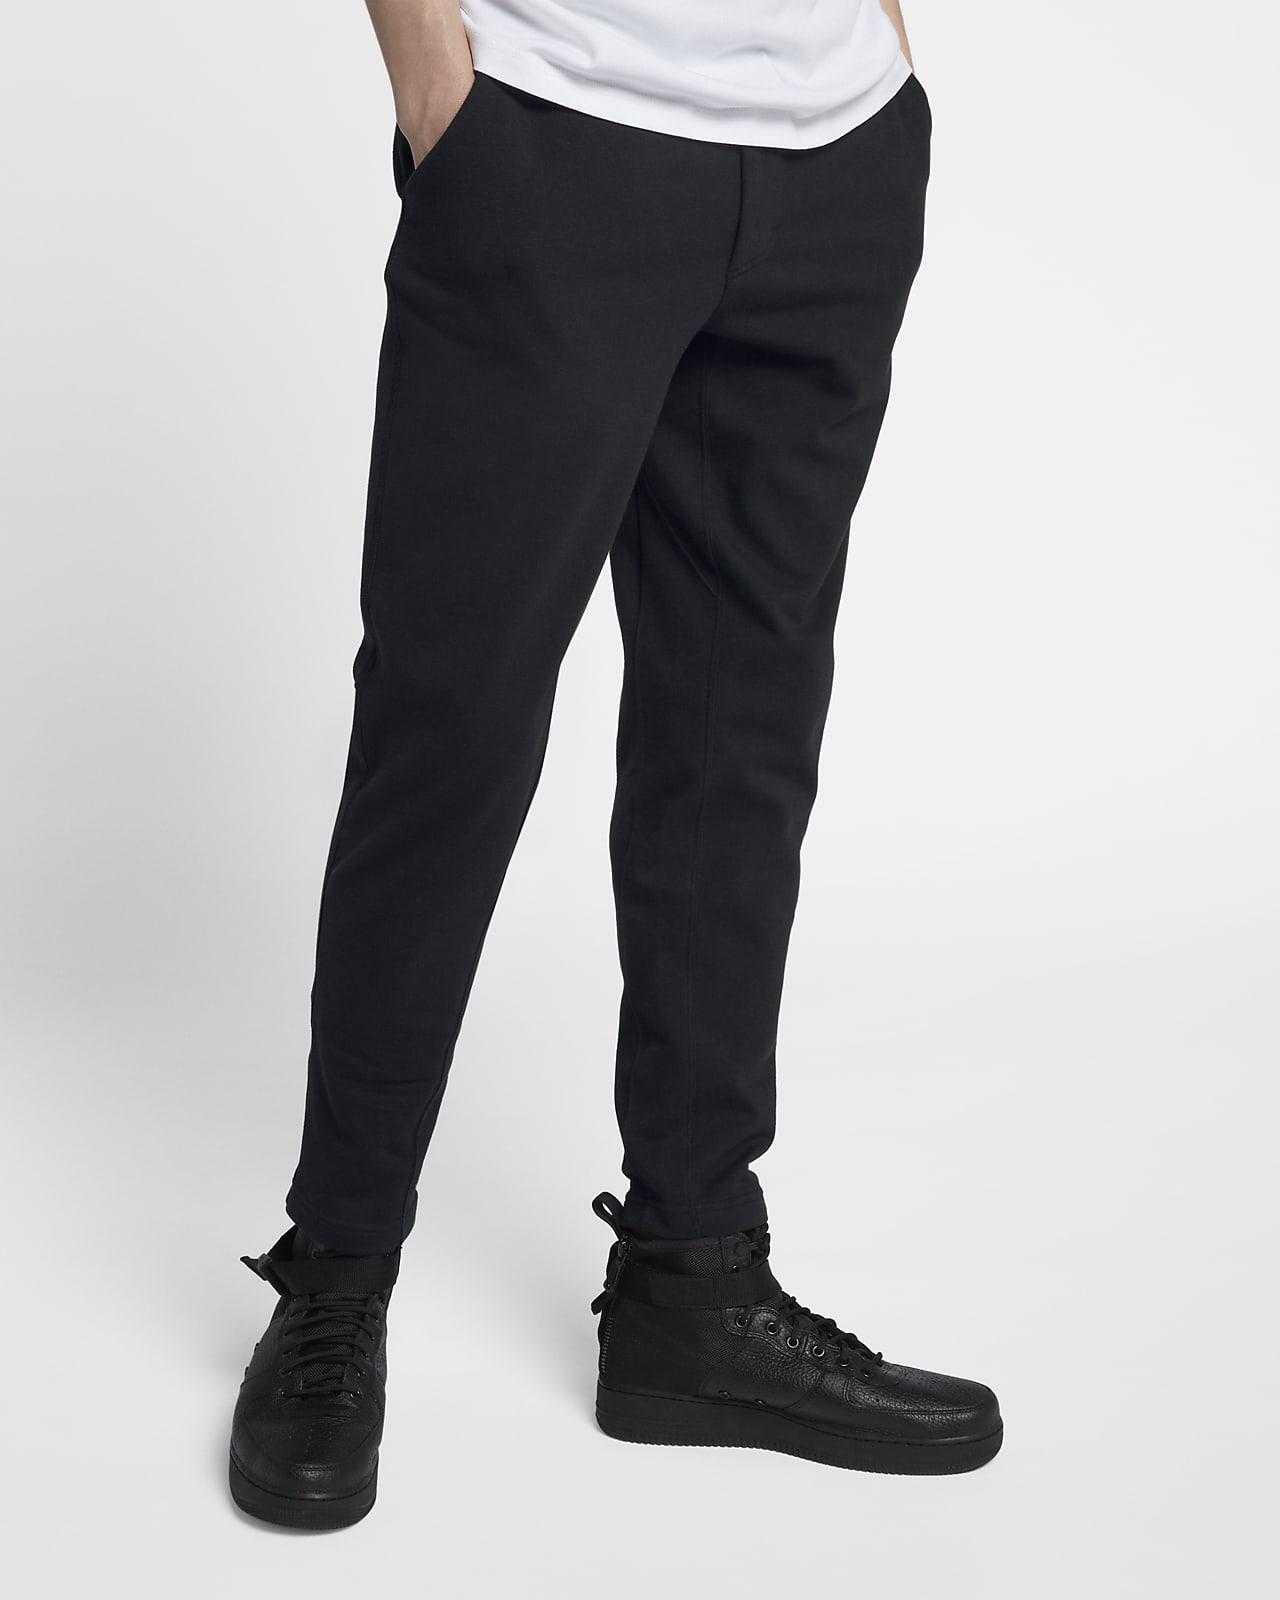 กางเกงผ้าฟลีซผู้ชาย NikeLab Collection